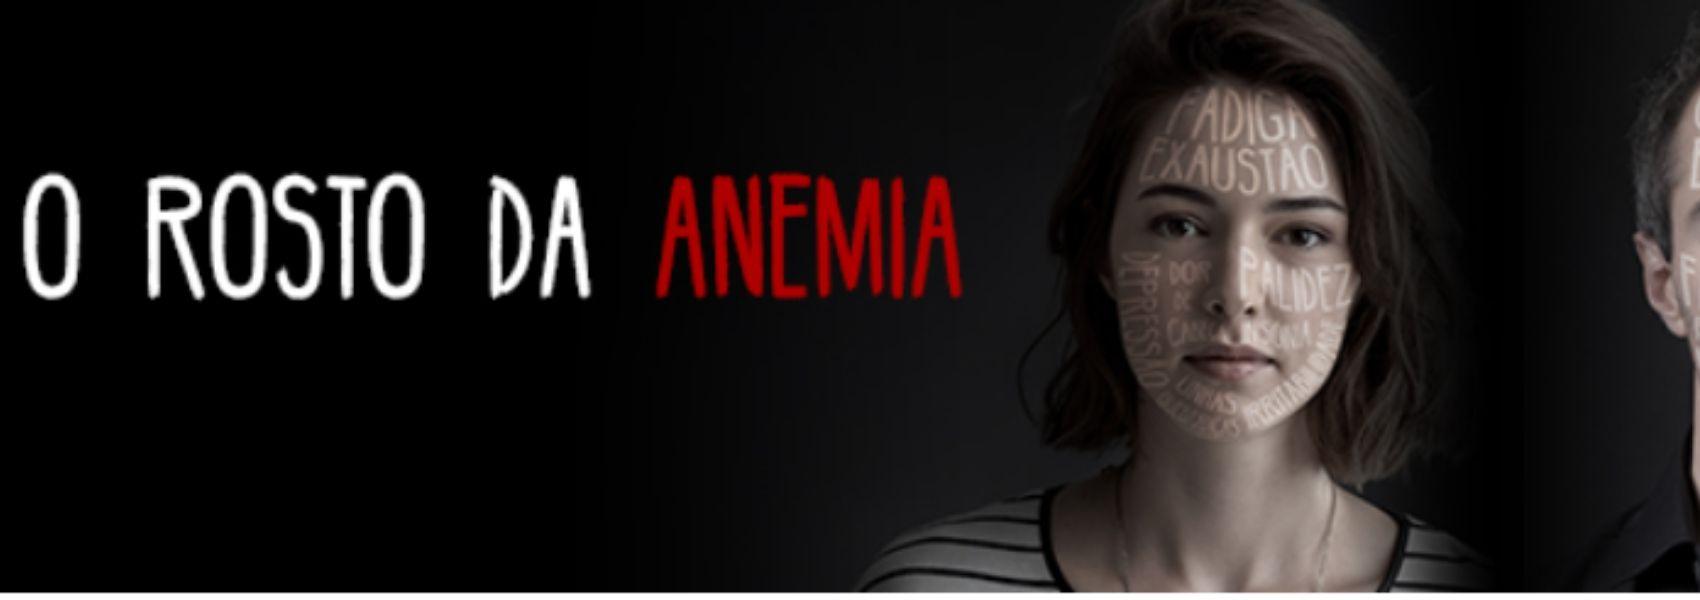 blog O Rosto da Anemia